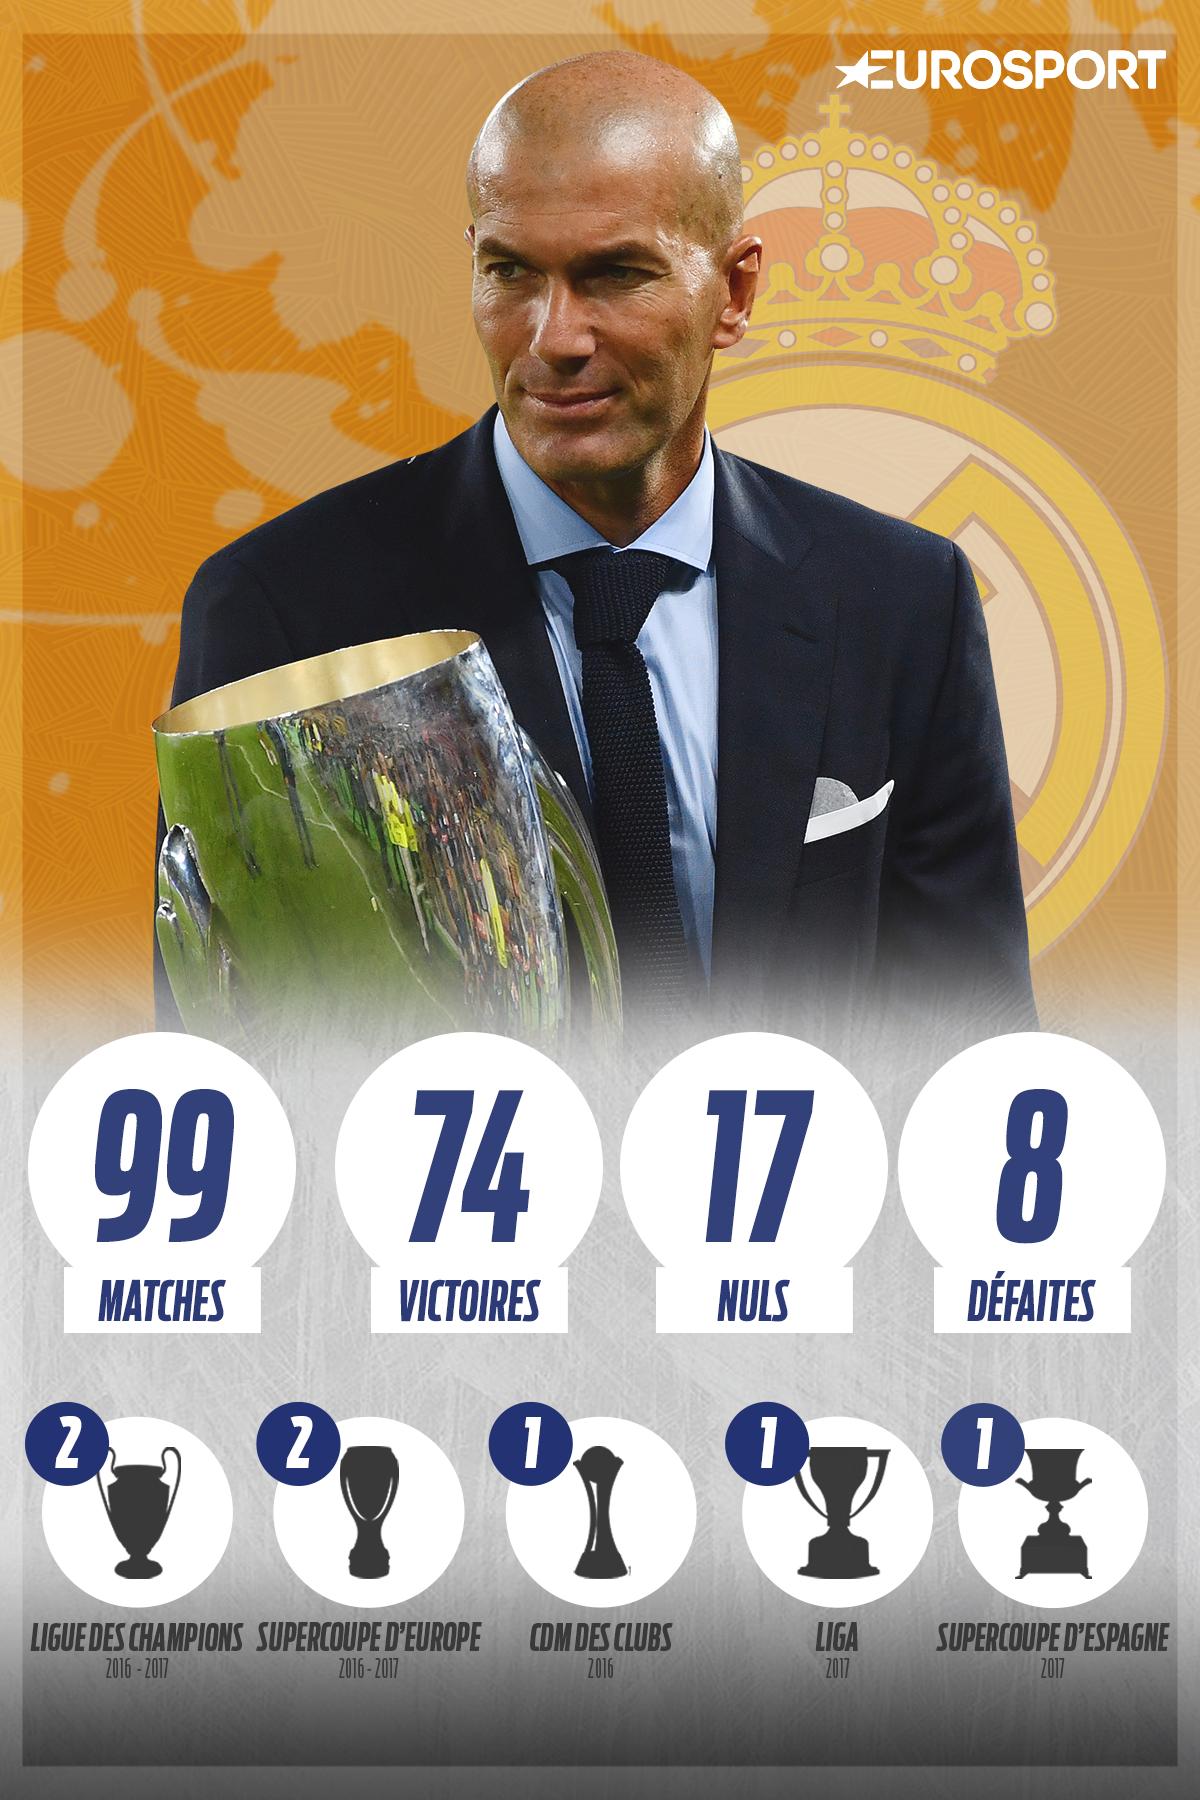 Le bilan de Zinedine Zidane après 99 matches au Real Madrid